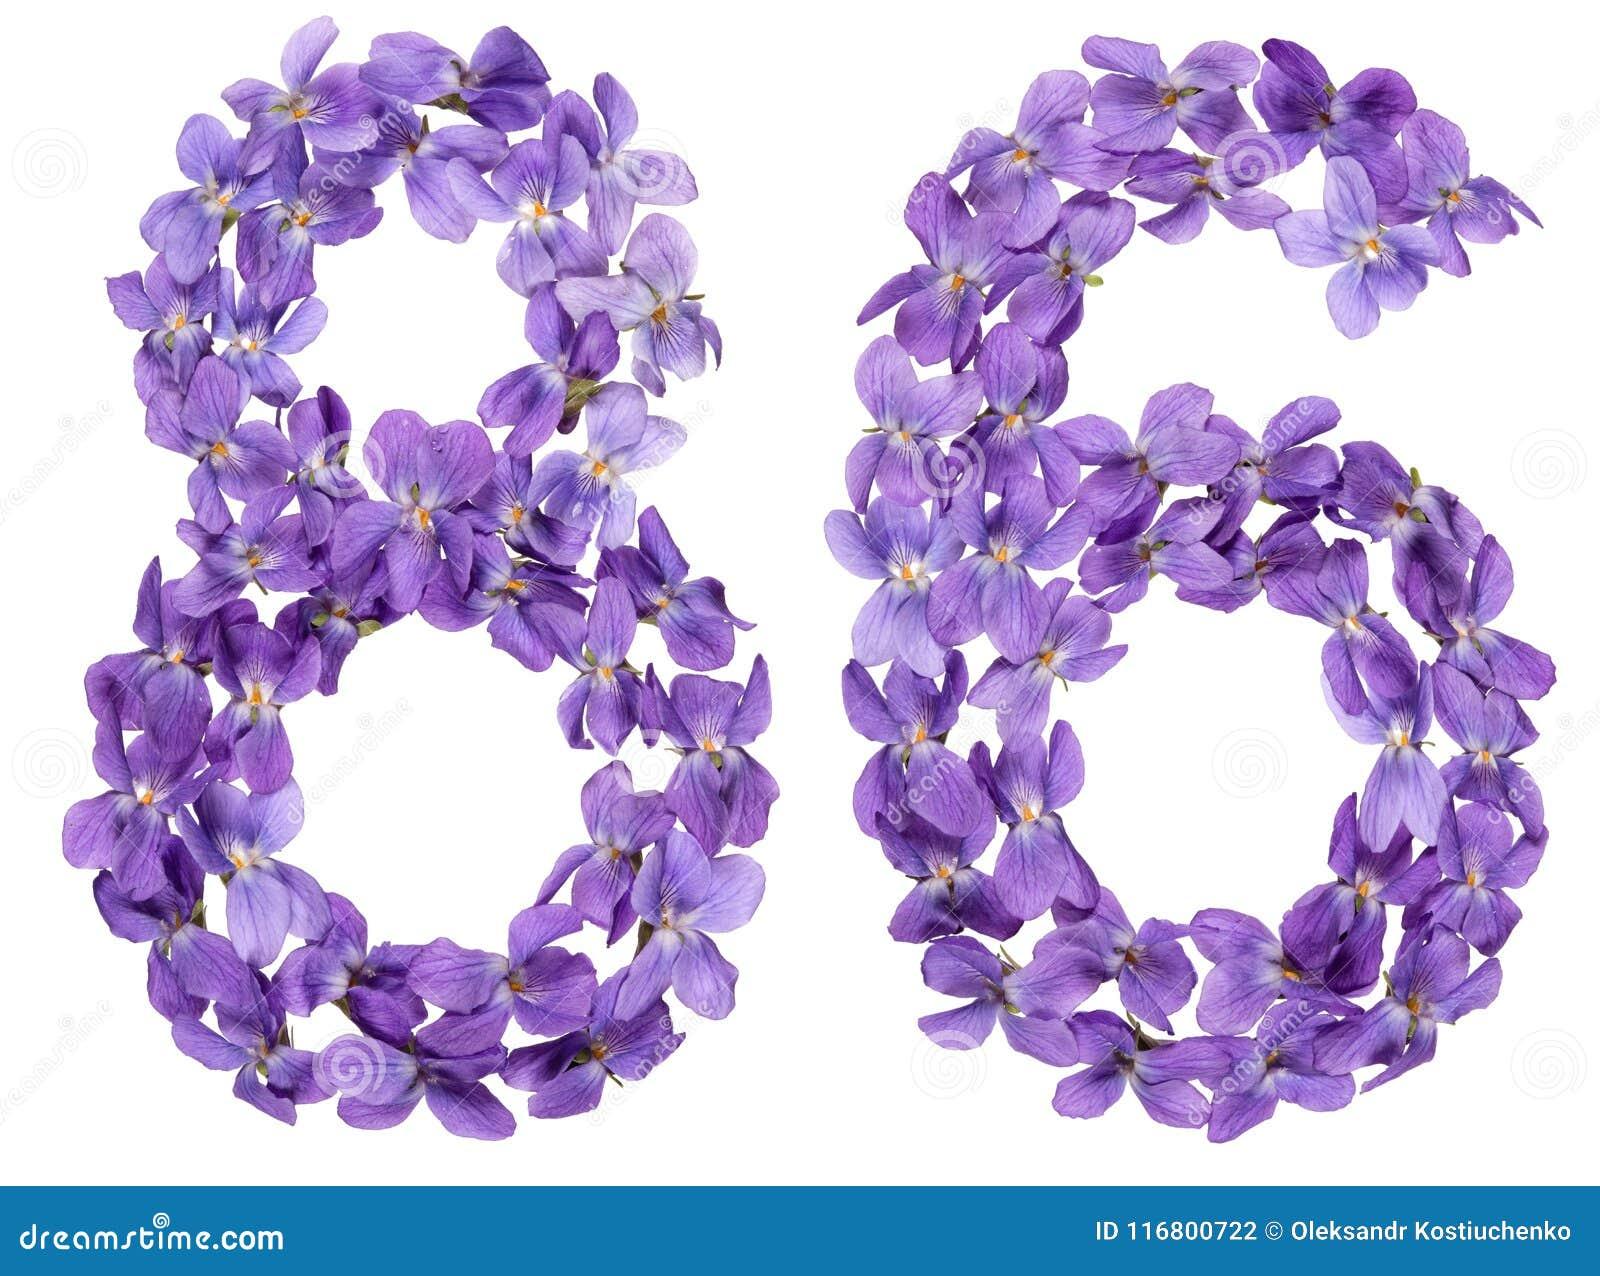 Il numero arabo 86, ottantasei, dai fiori della viola, ha isolato la o